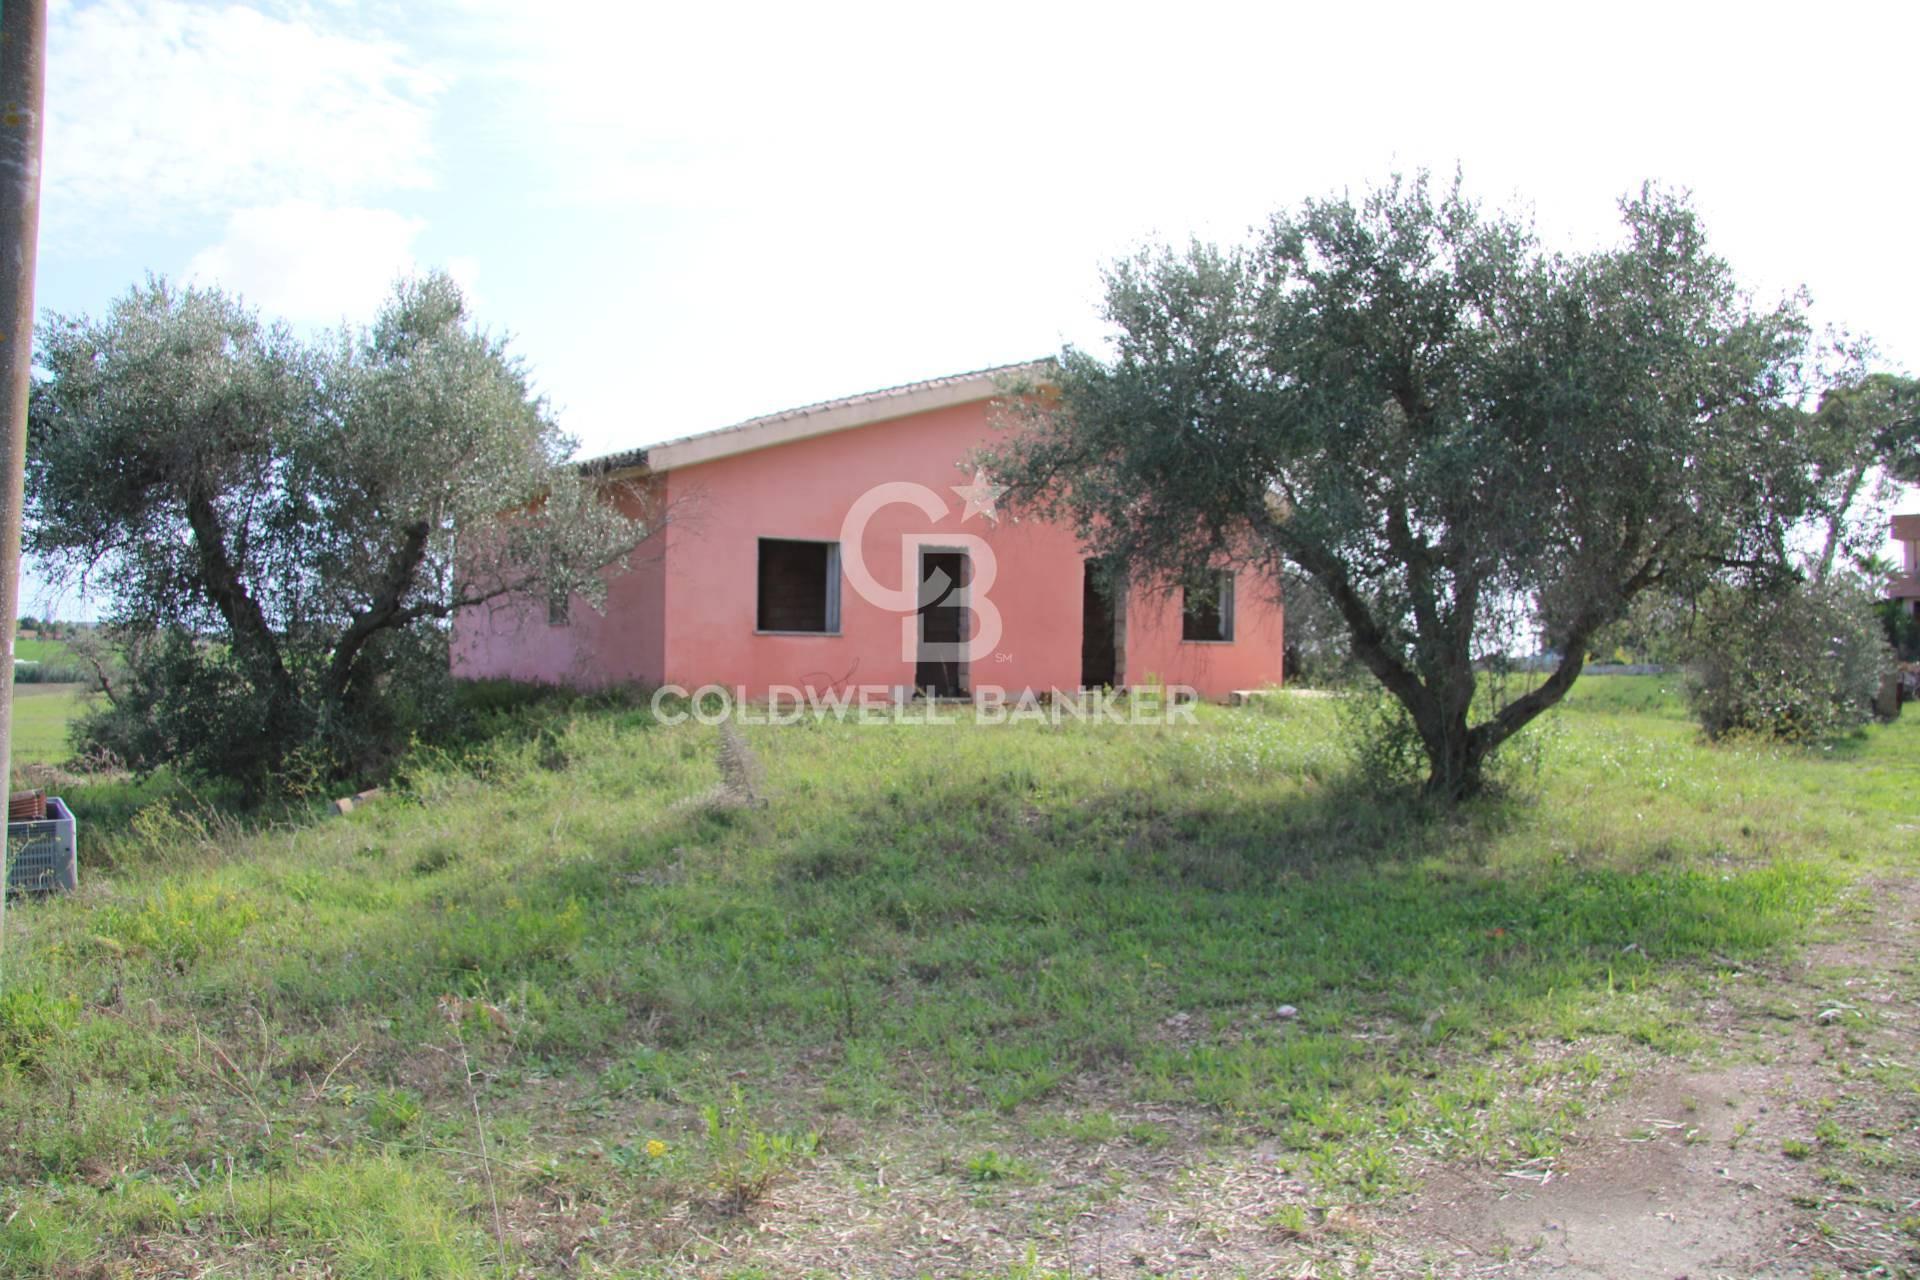 Rustico / Casale in vendita a Montalto di Castro, 15 locali, zona Località: PesciaRomana, prezzo € 380.000 | CambioCasa.it